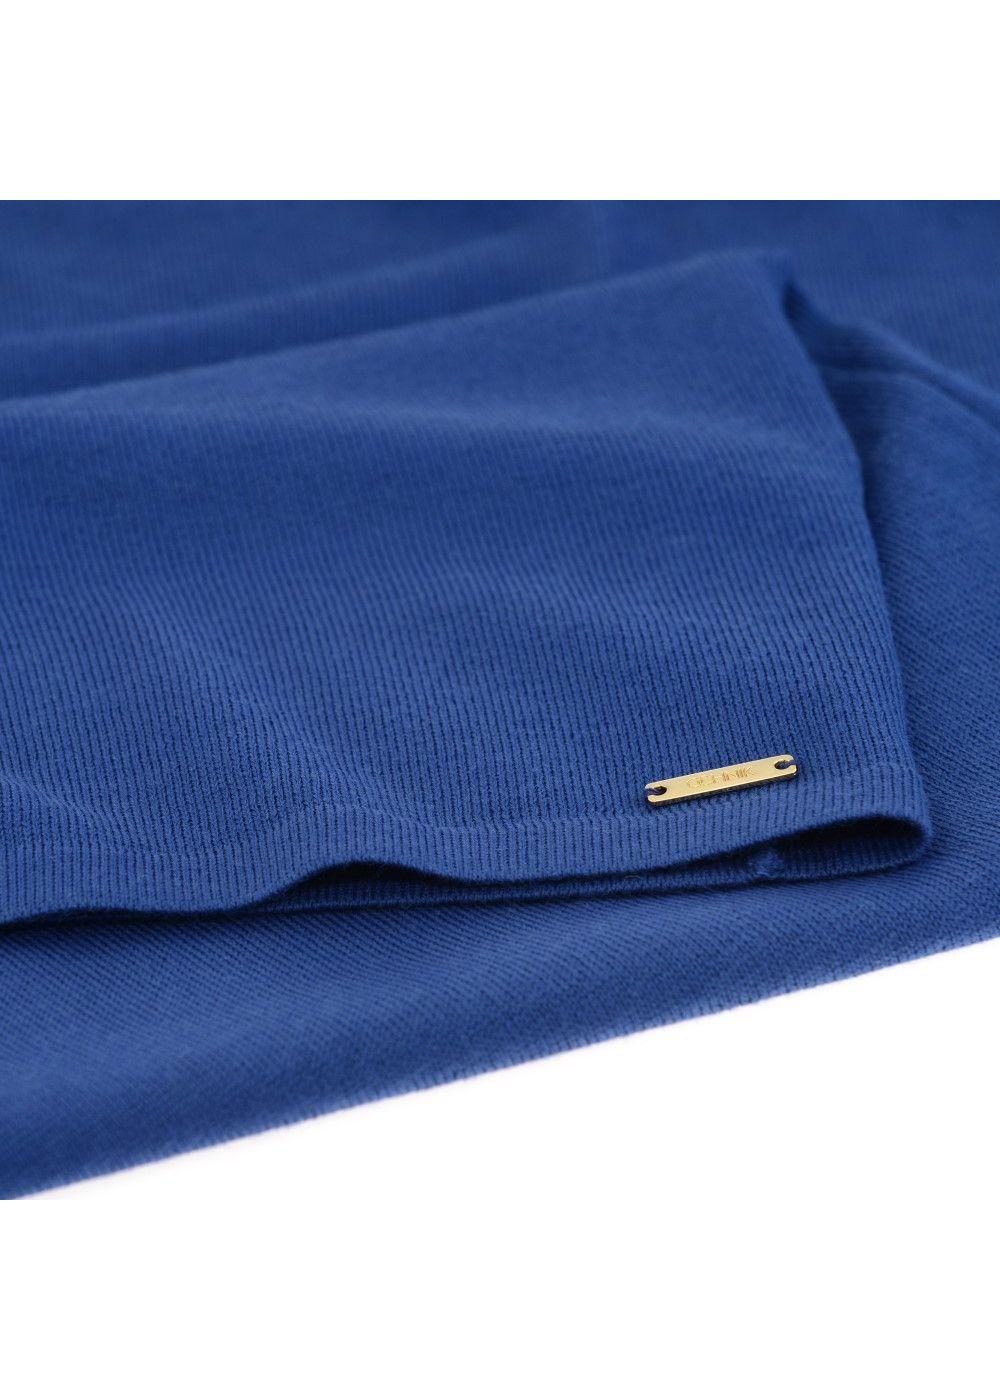 Sukienka SUKDT-0010-61(Z16)